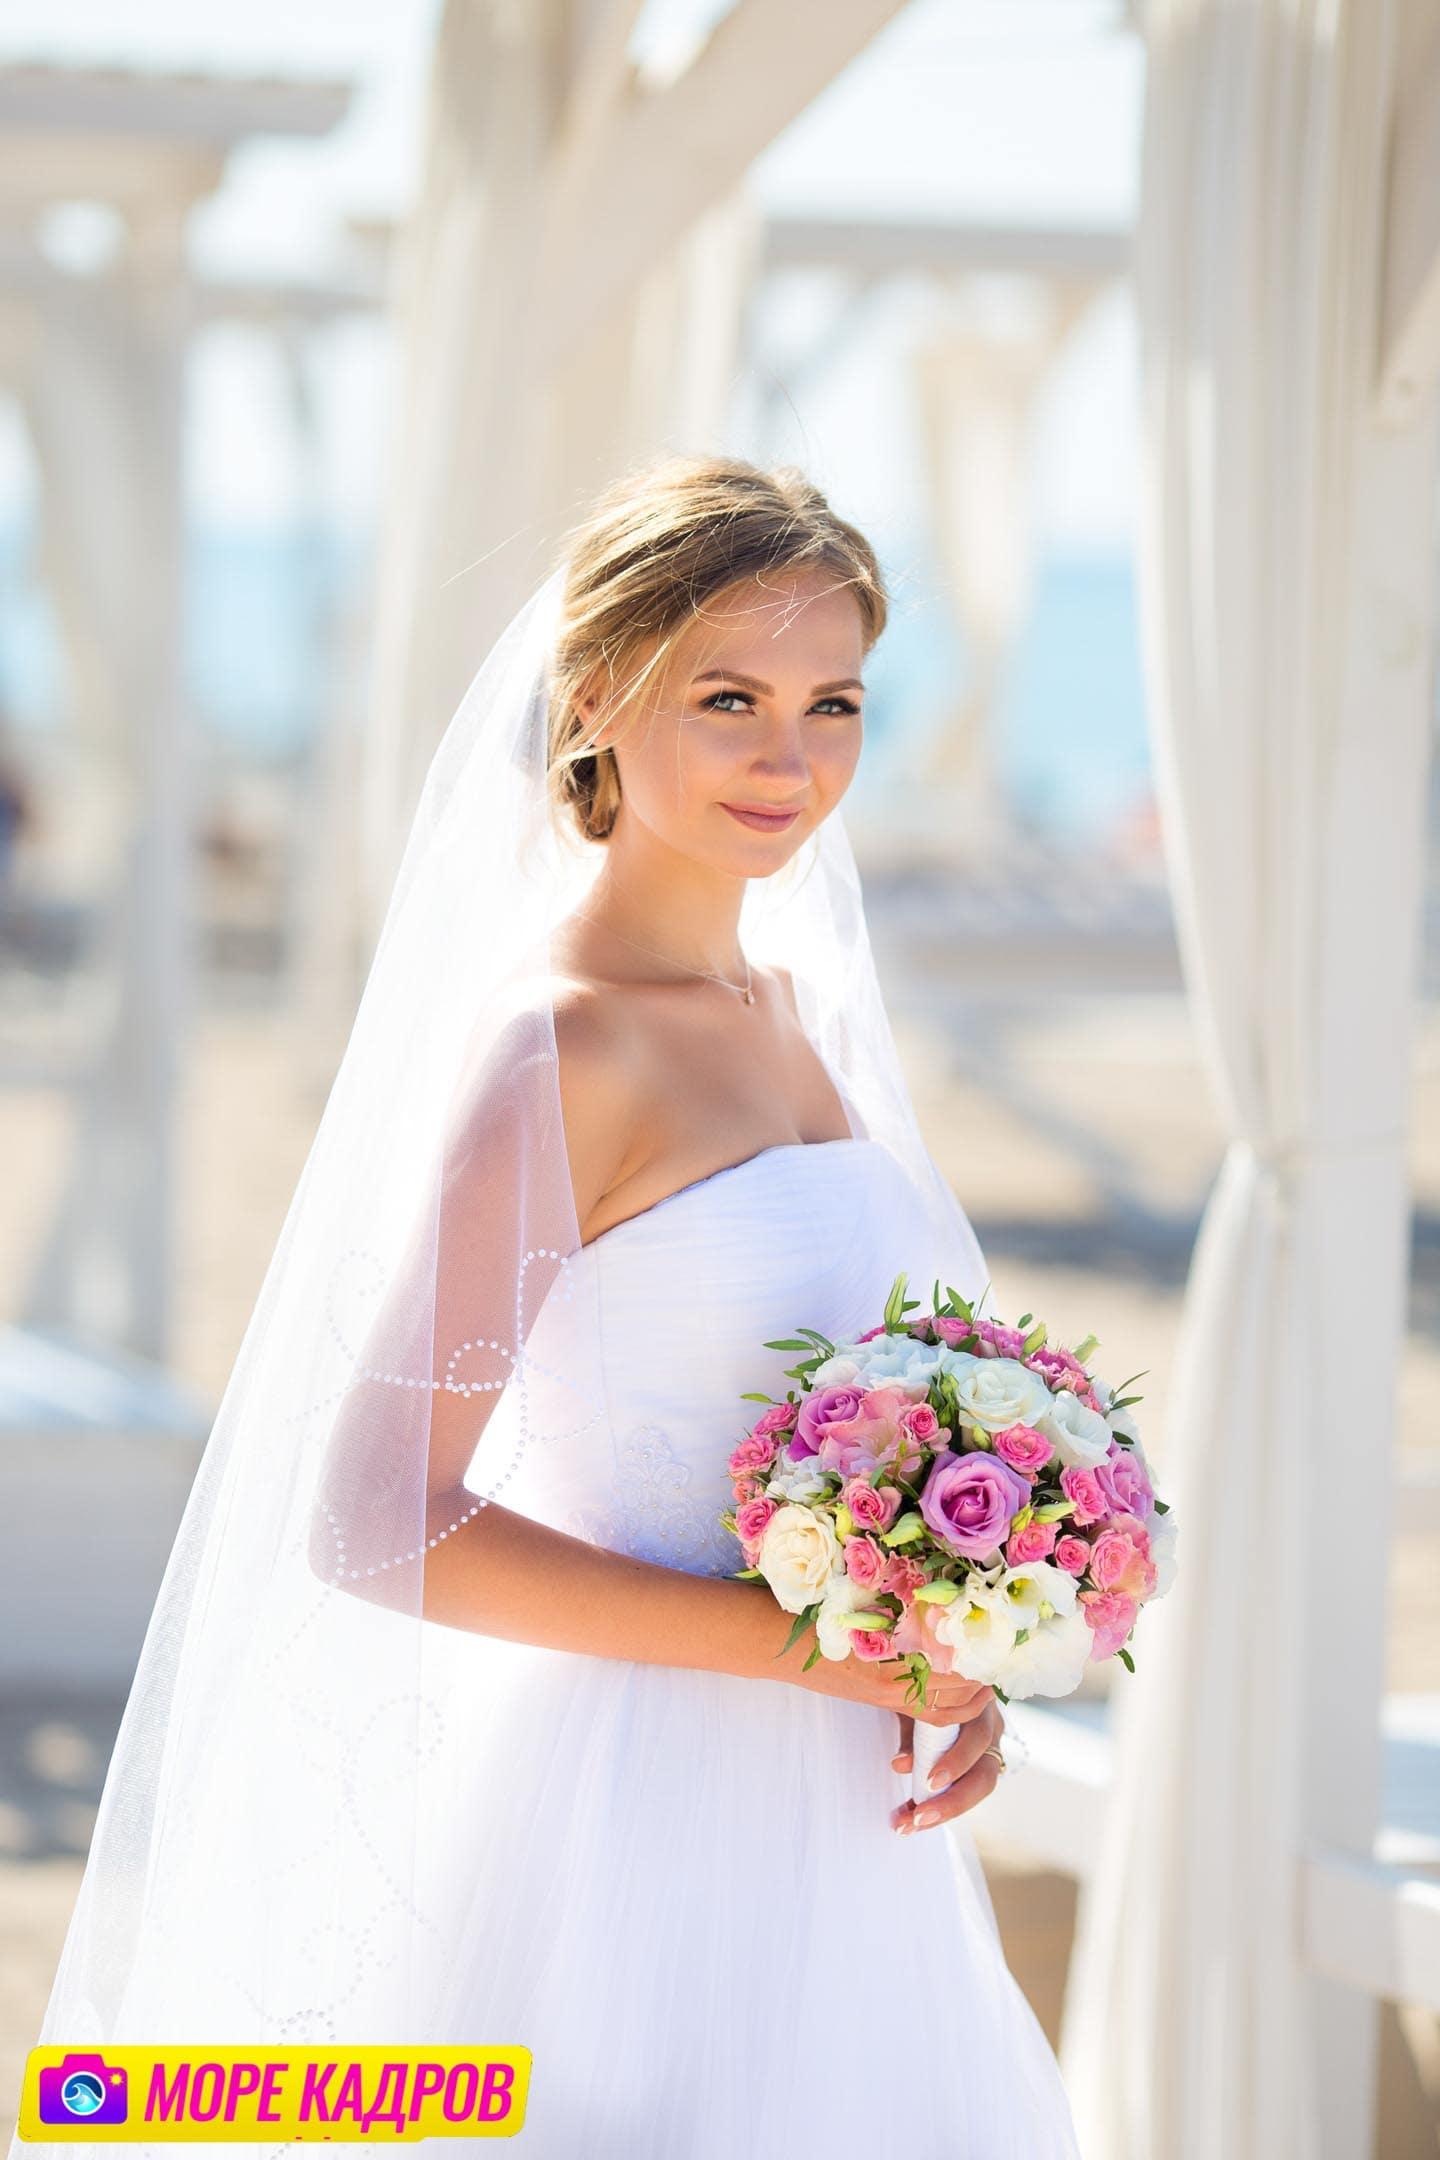 помощью евпатория свадебная фотосессия фото